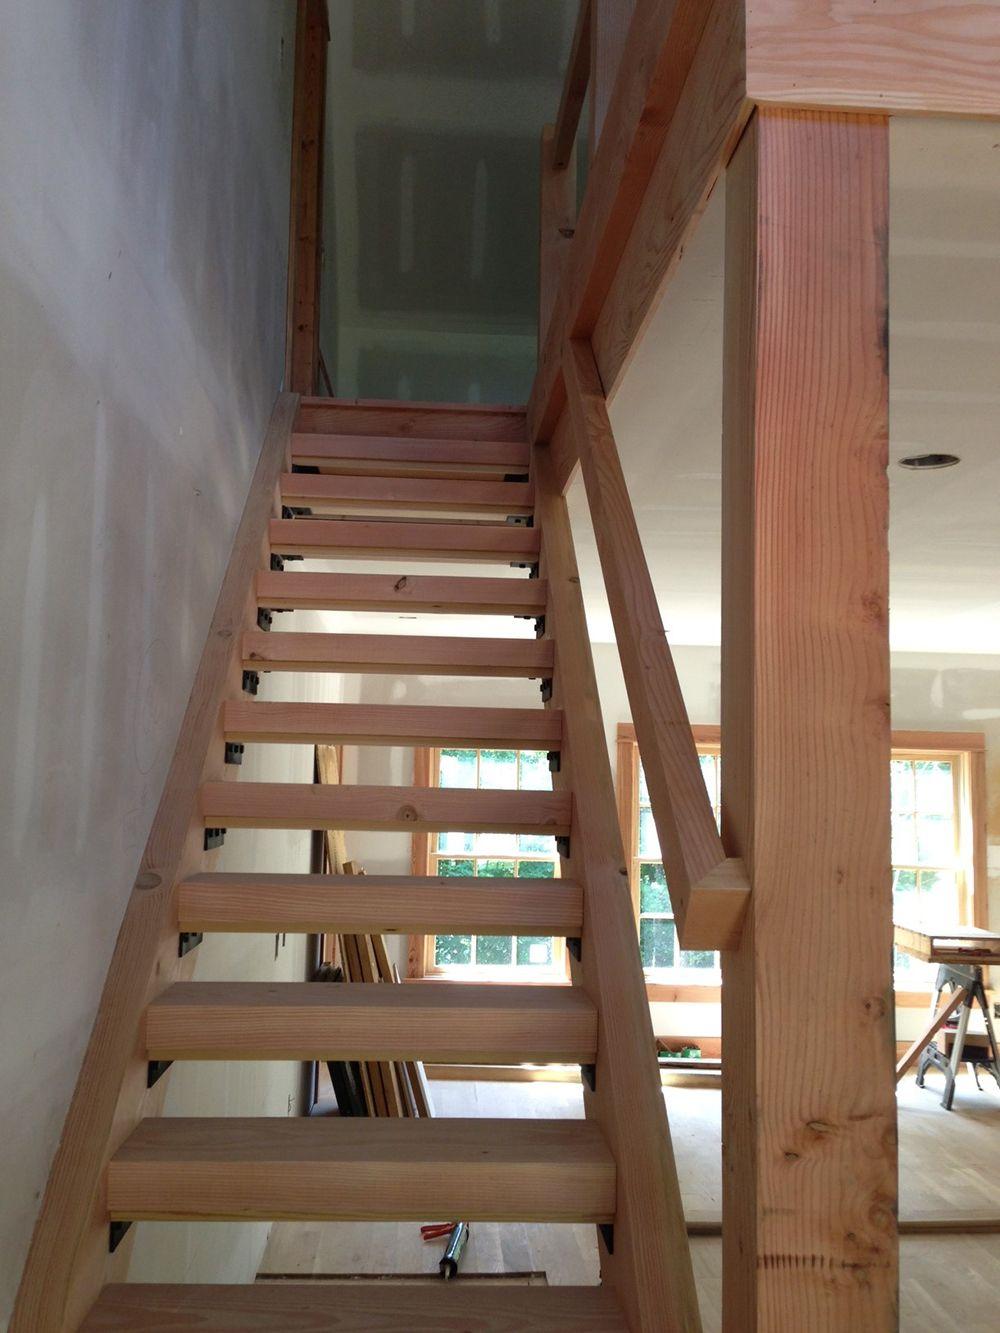 Douglas fir stair treads Google Search house Pinterest